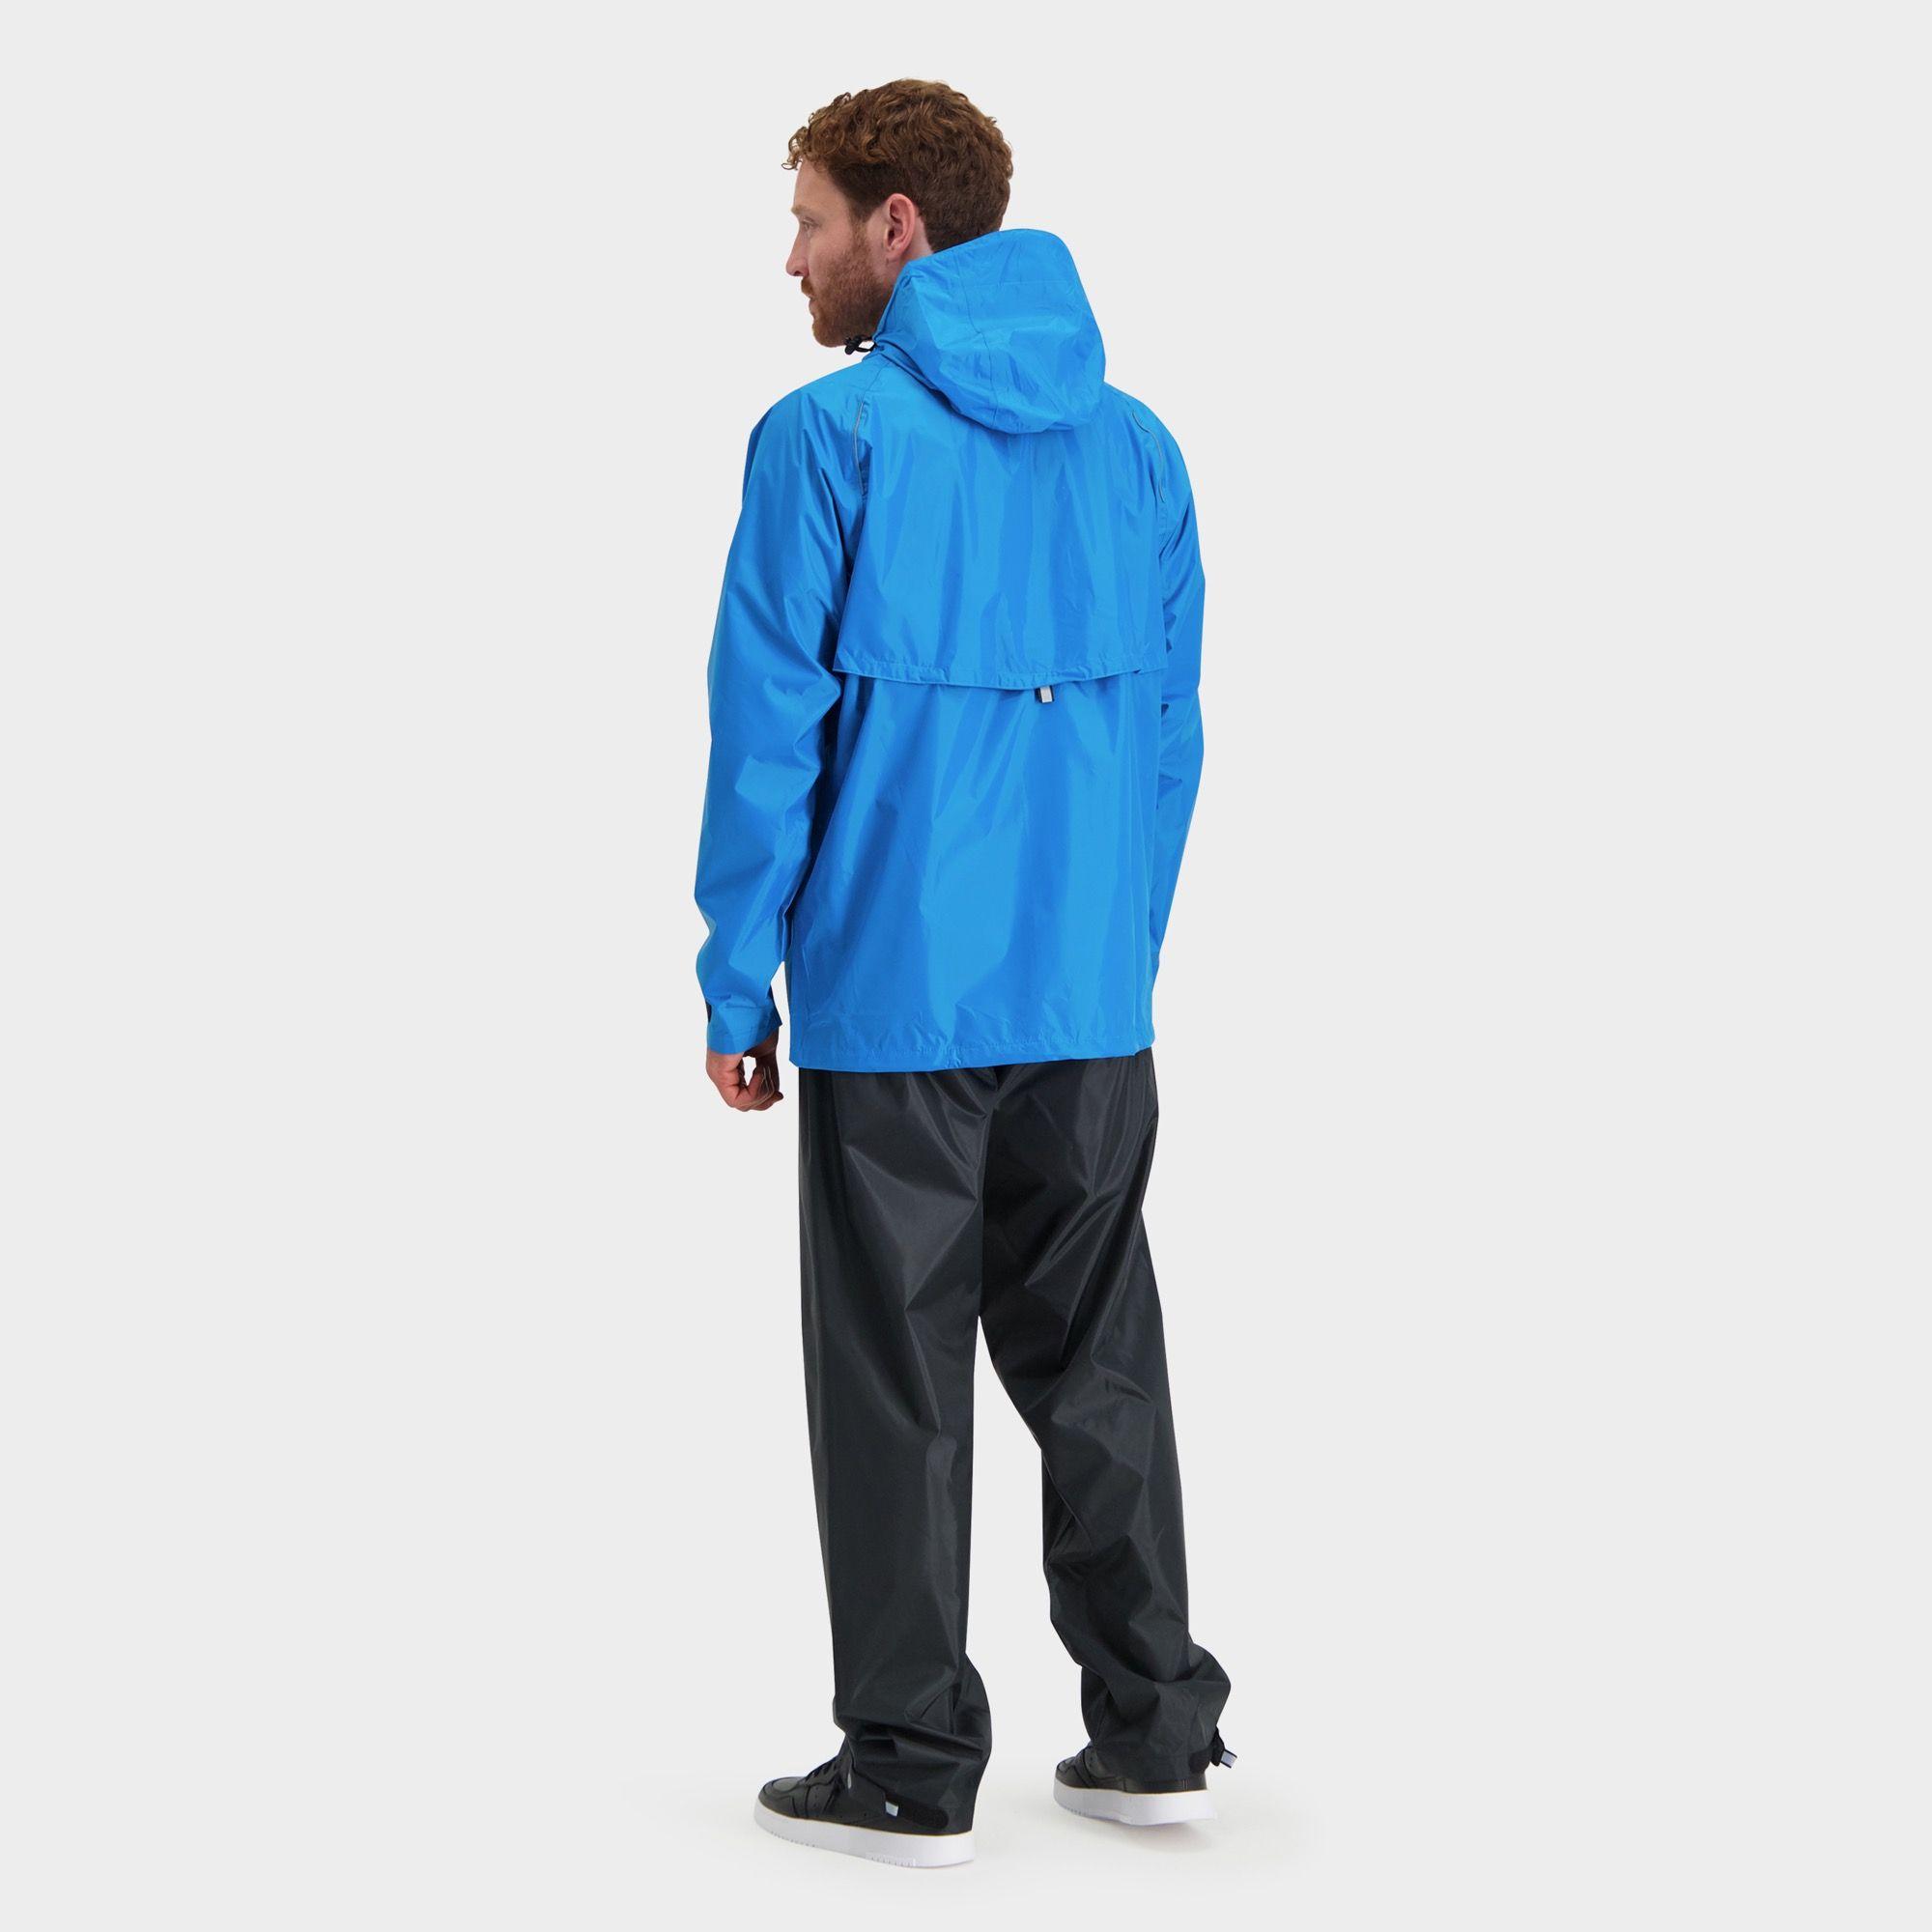 Passat Combinaison de pluie Essential fit example